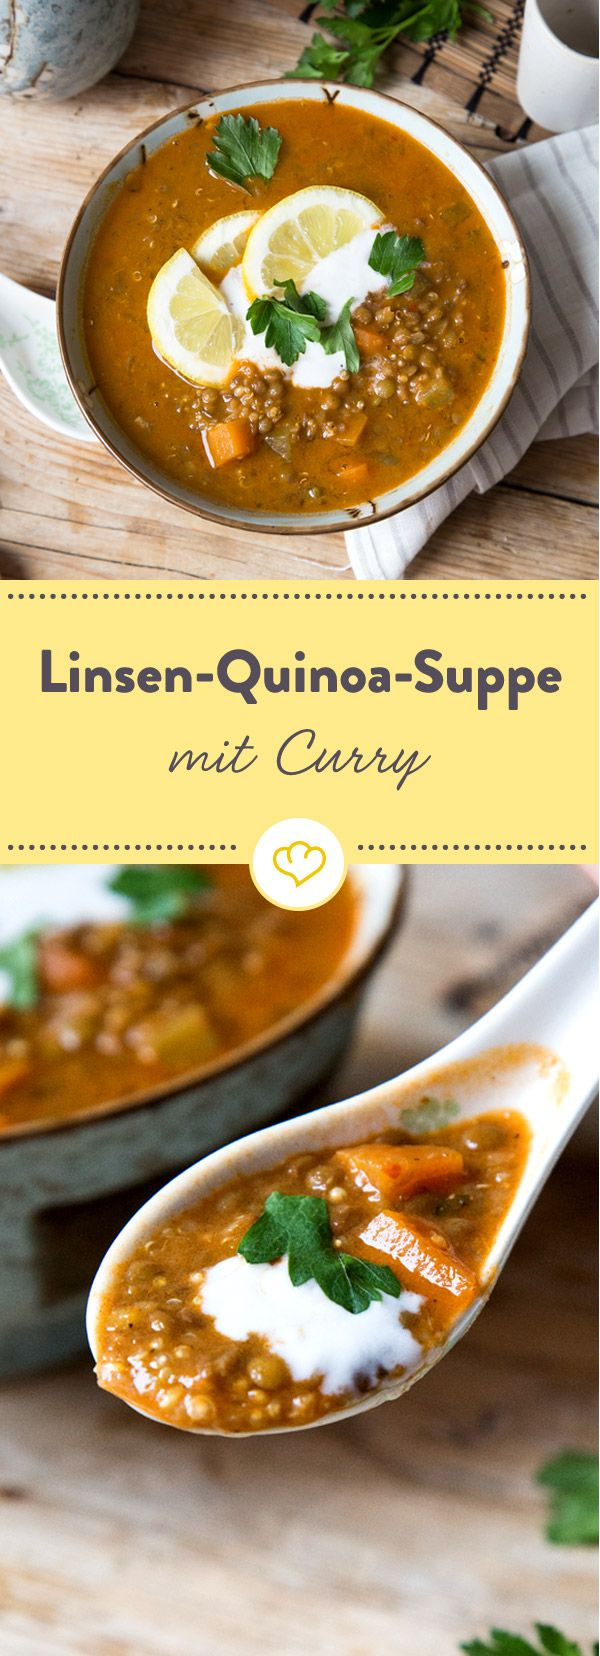 Diese wärmende Suppe versorgt dich mit einer Extraportion an Nährstoffen. Neben gehaltvollen Linsen tummeln sich auch Quinoakörner in deiner Schüssel.